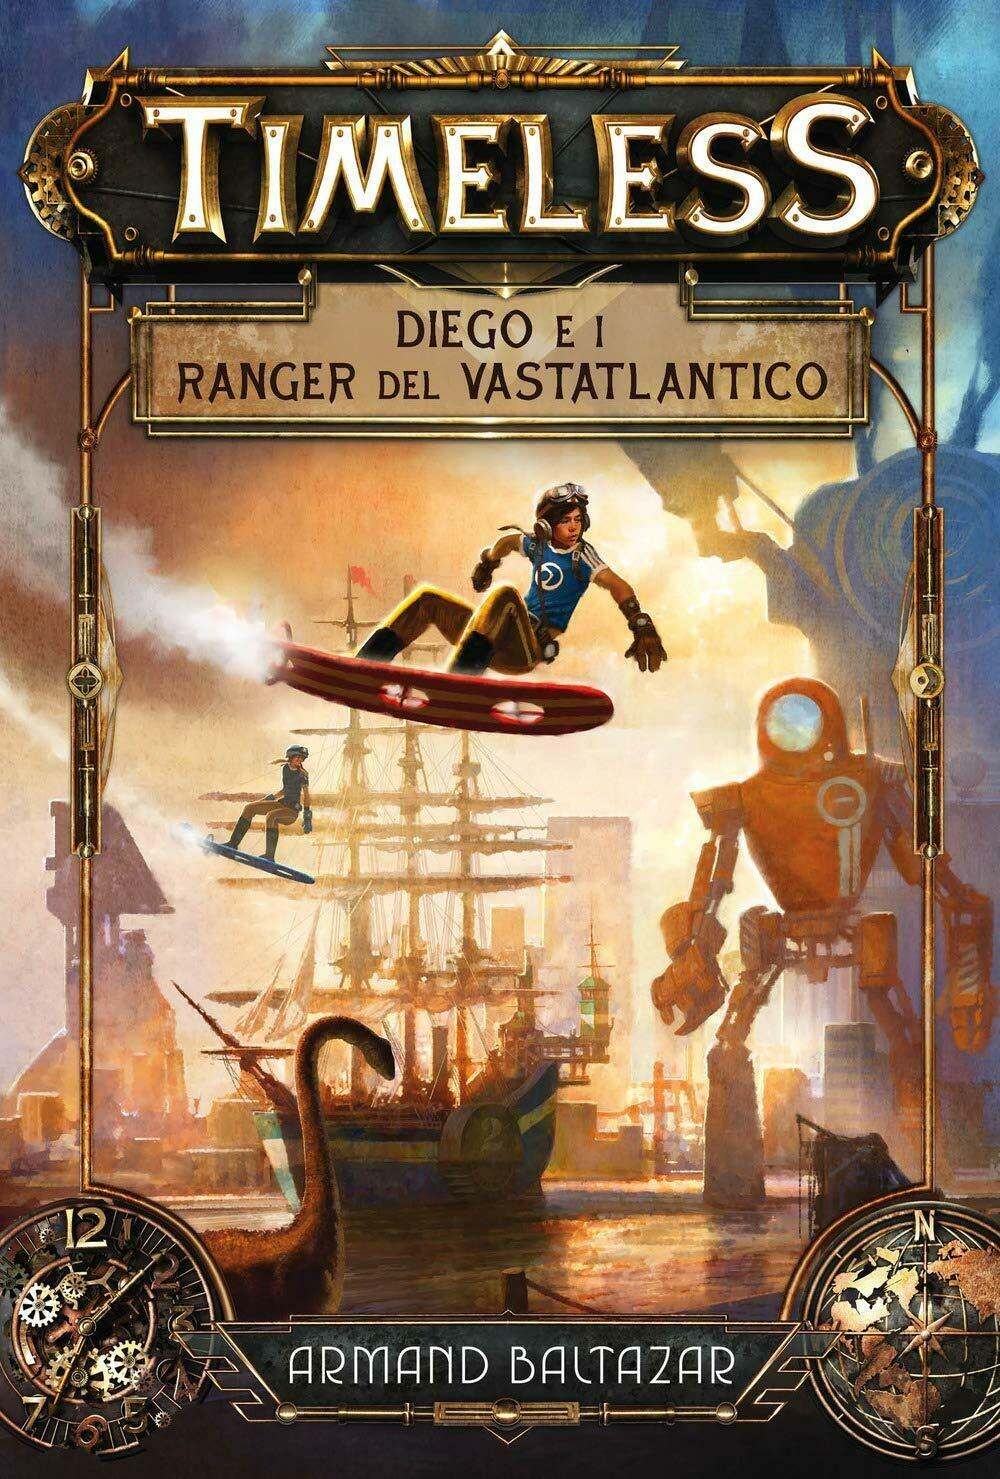 Diego e i ranger del Vastatlantico. Timeless